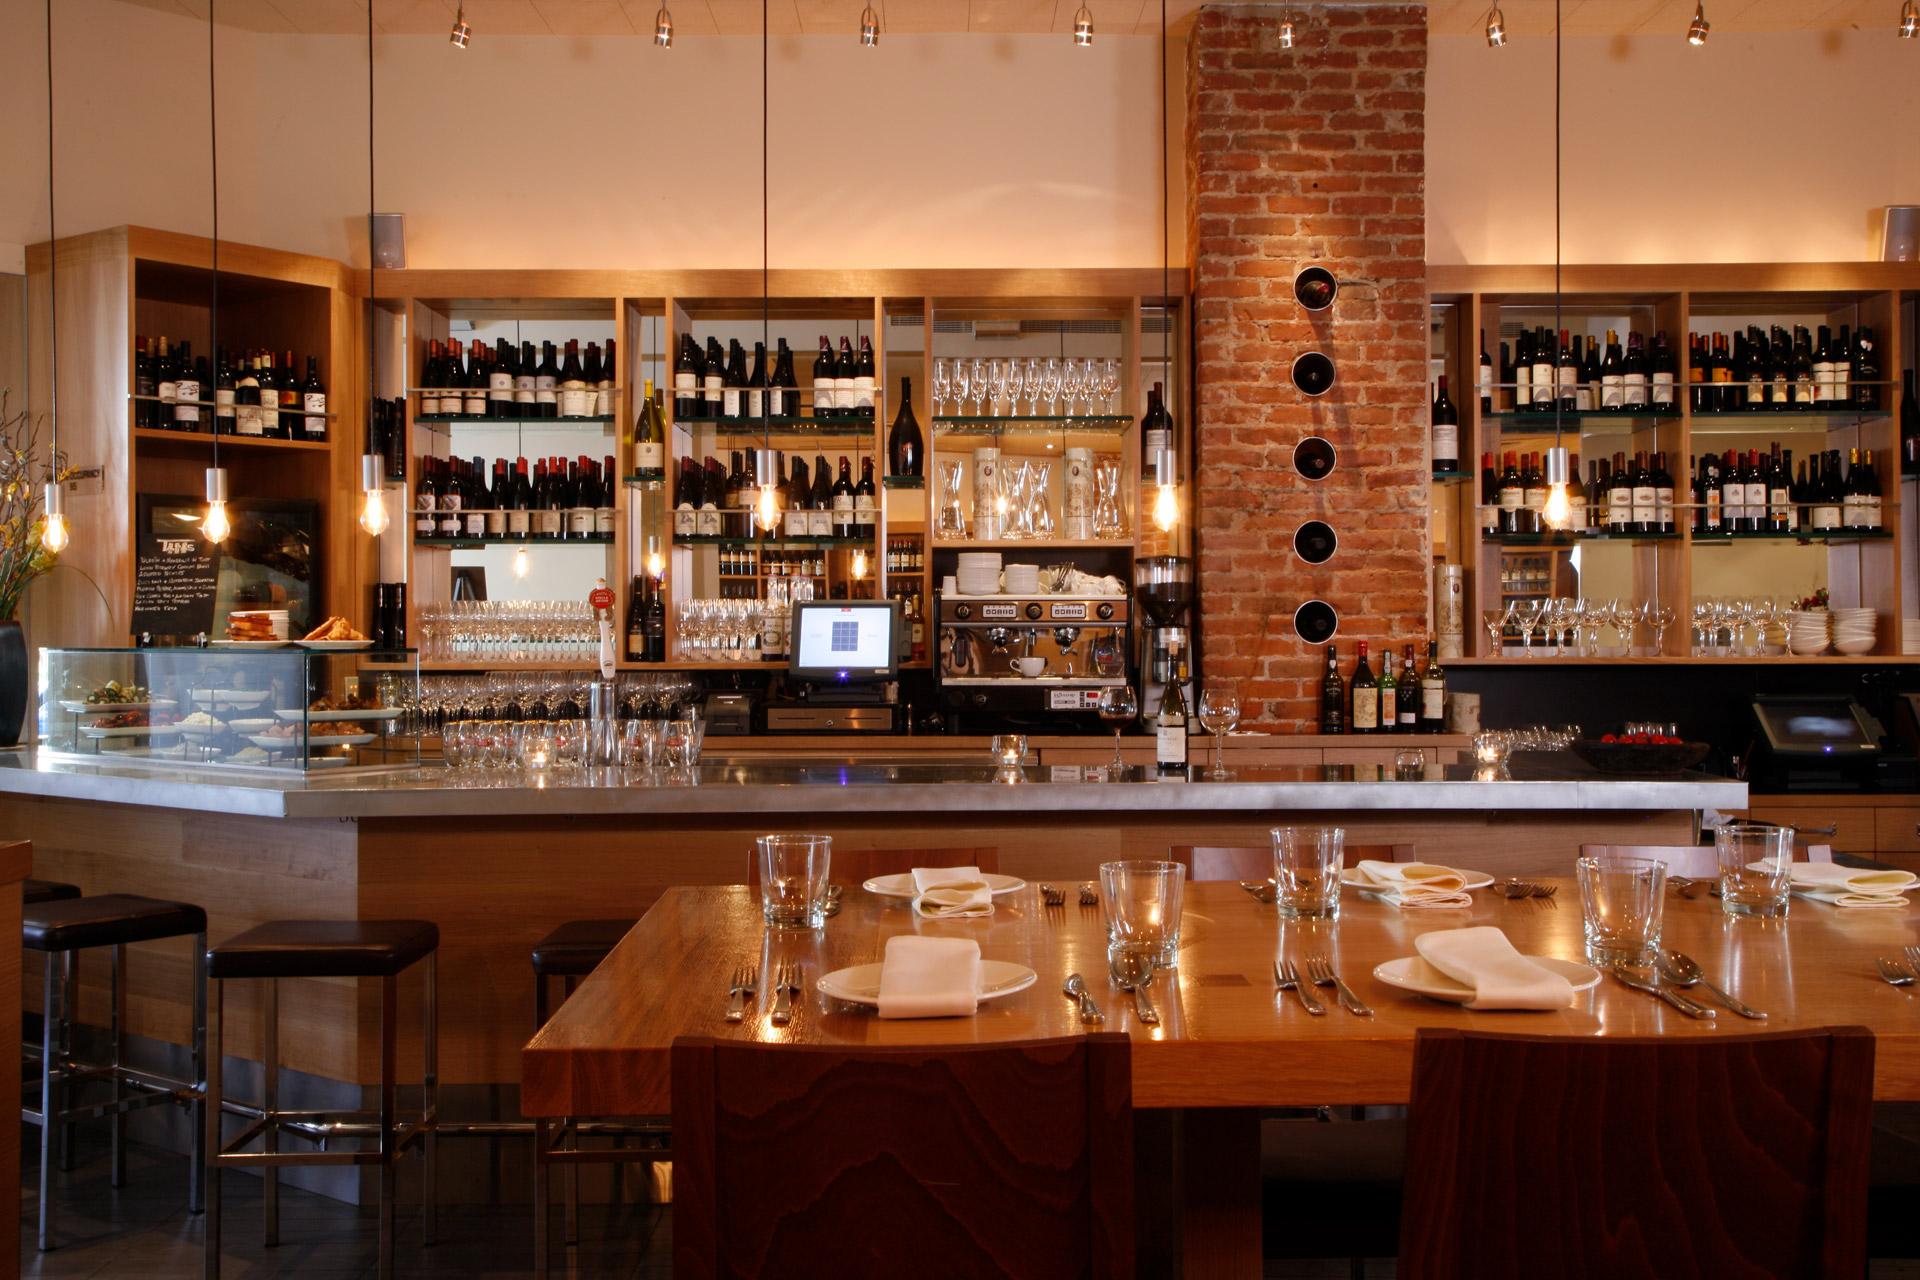 Terzo restaurant decor